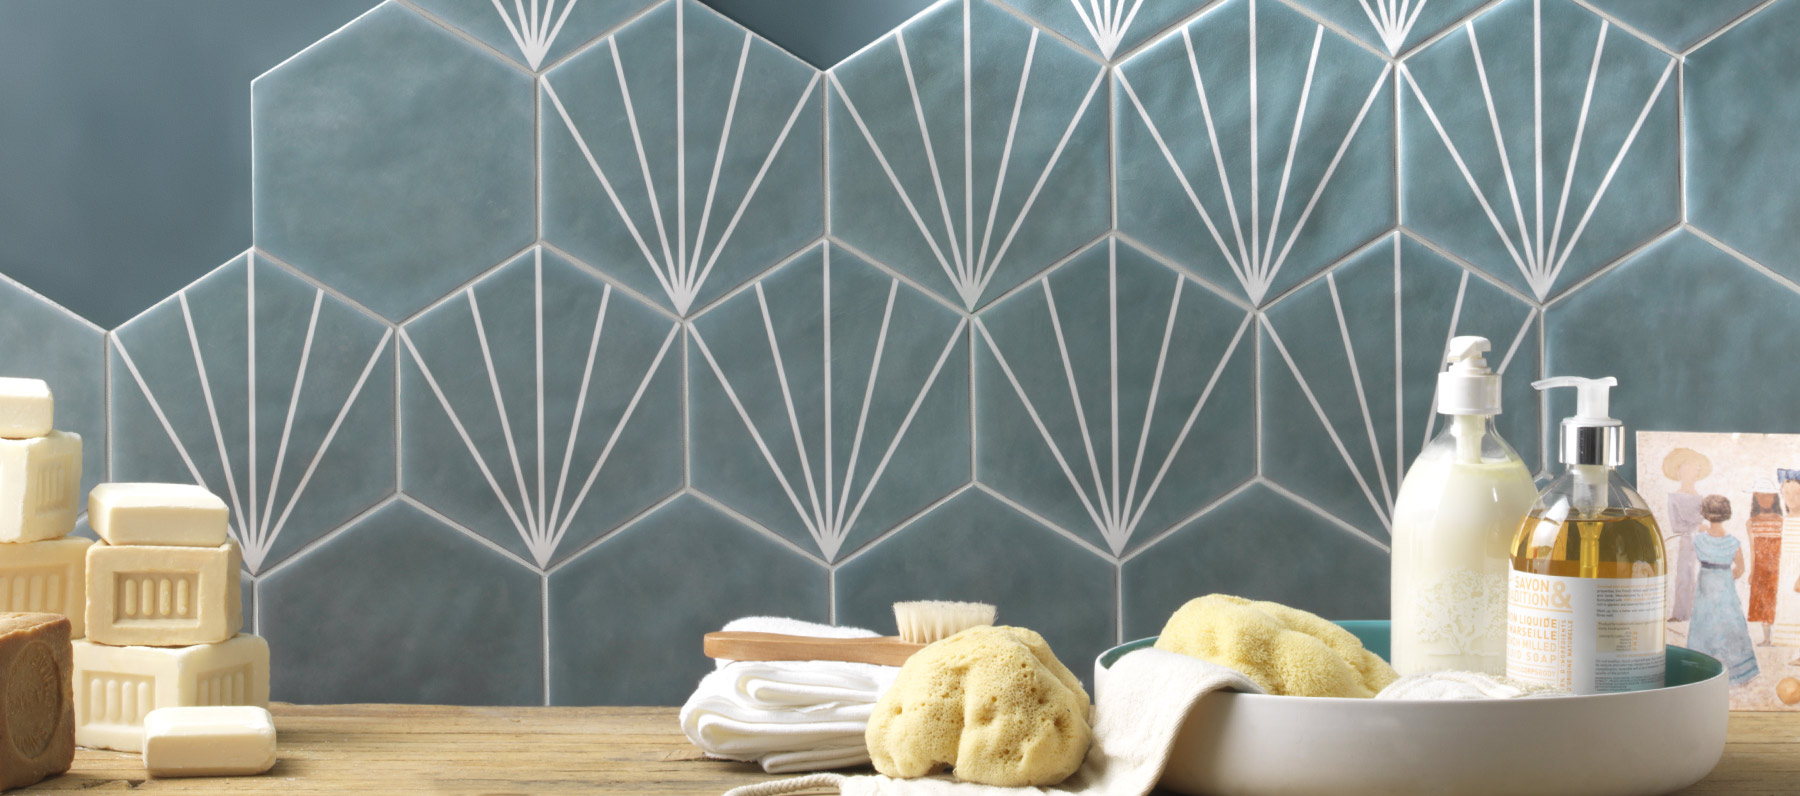 Ceramiche esagonali: la nuova tendenza nei toni pastello